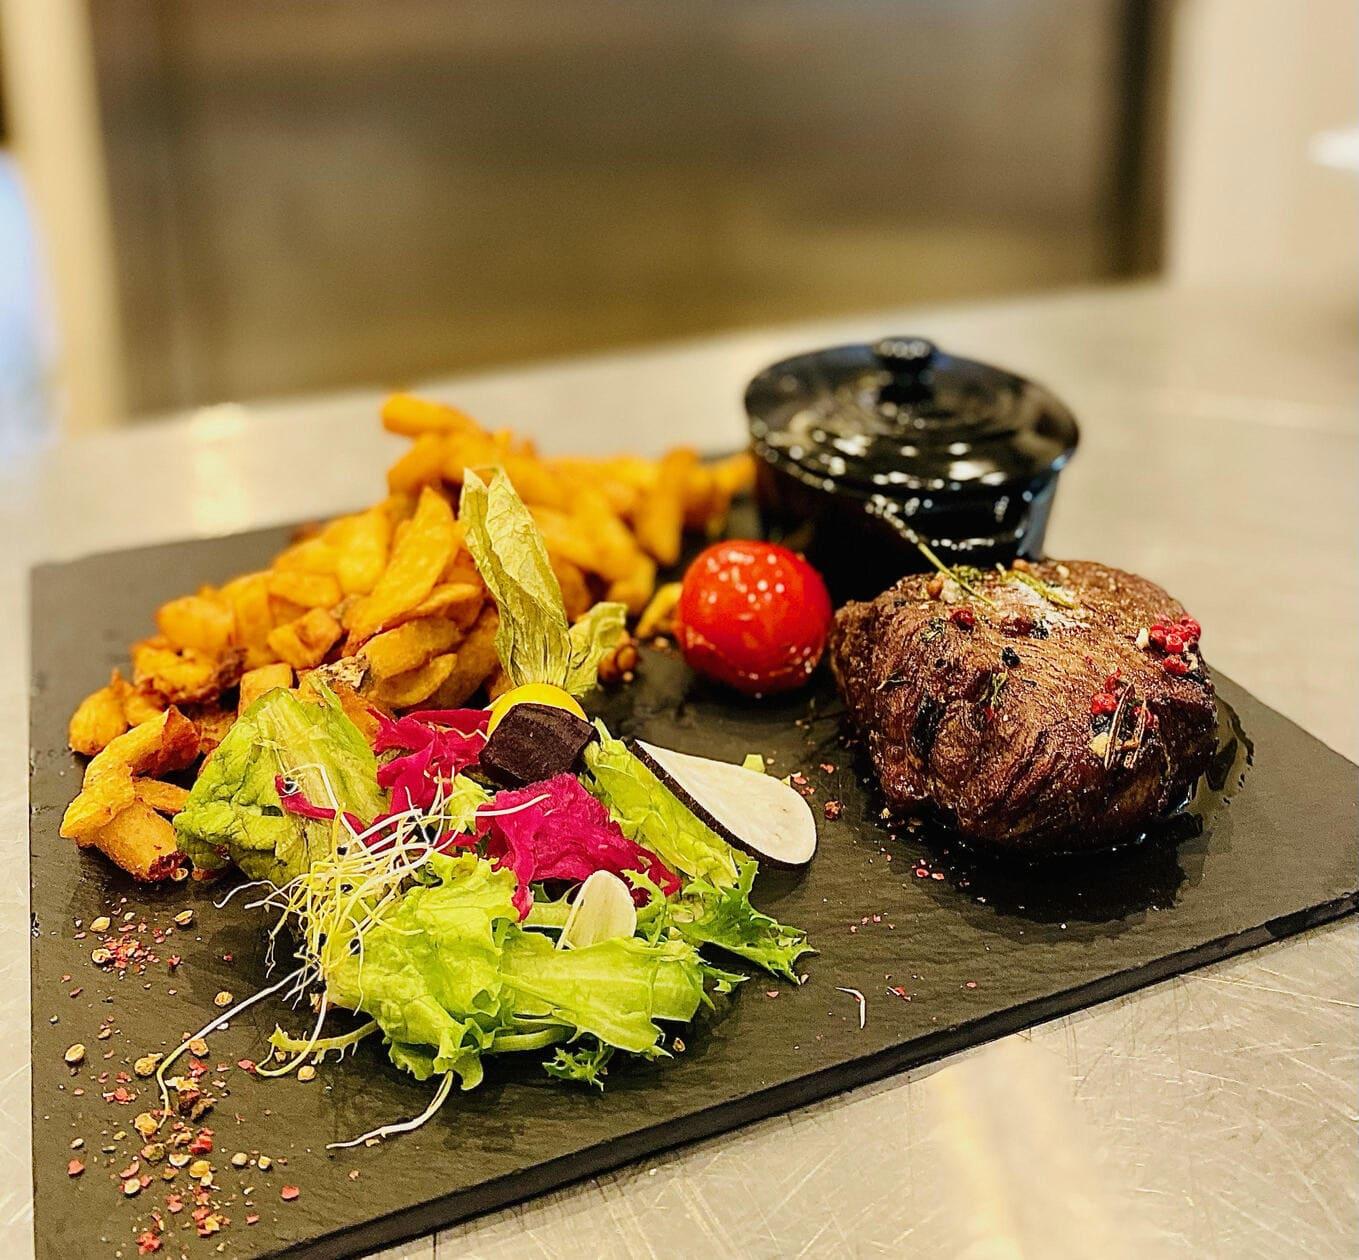 viande limousine et frites maison - le chalet des pierres jaumatres - restaurant Creuse